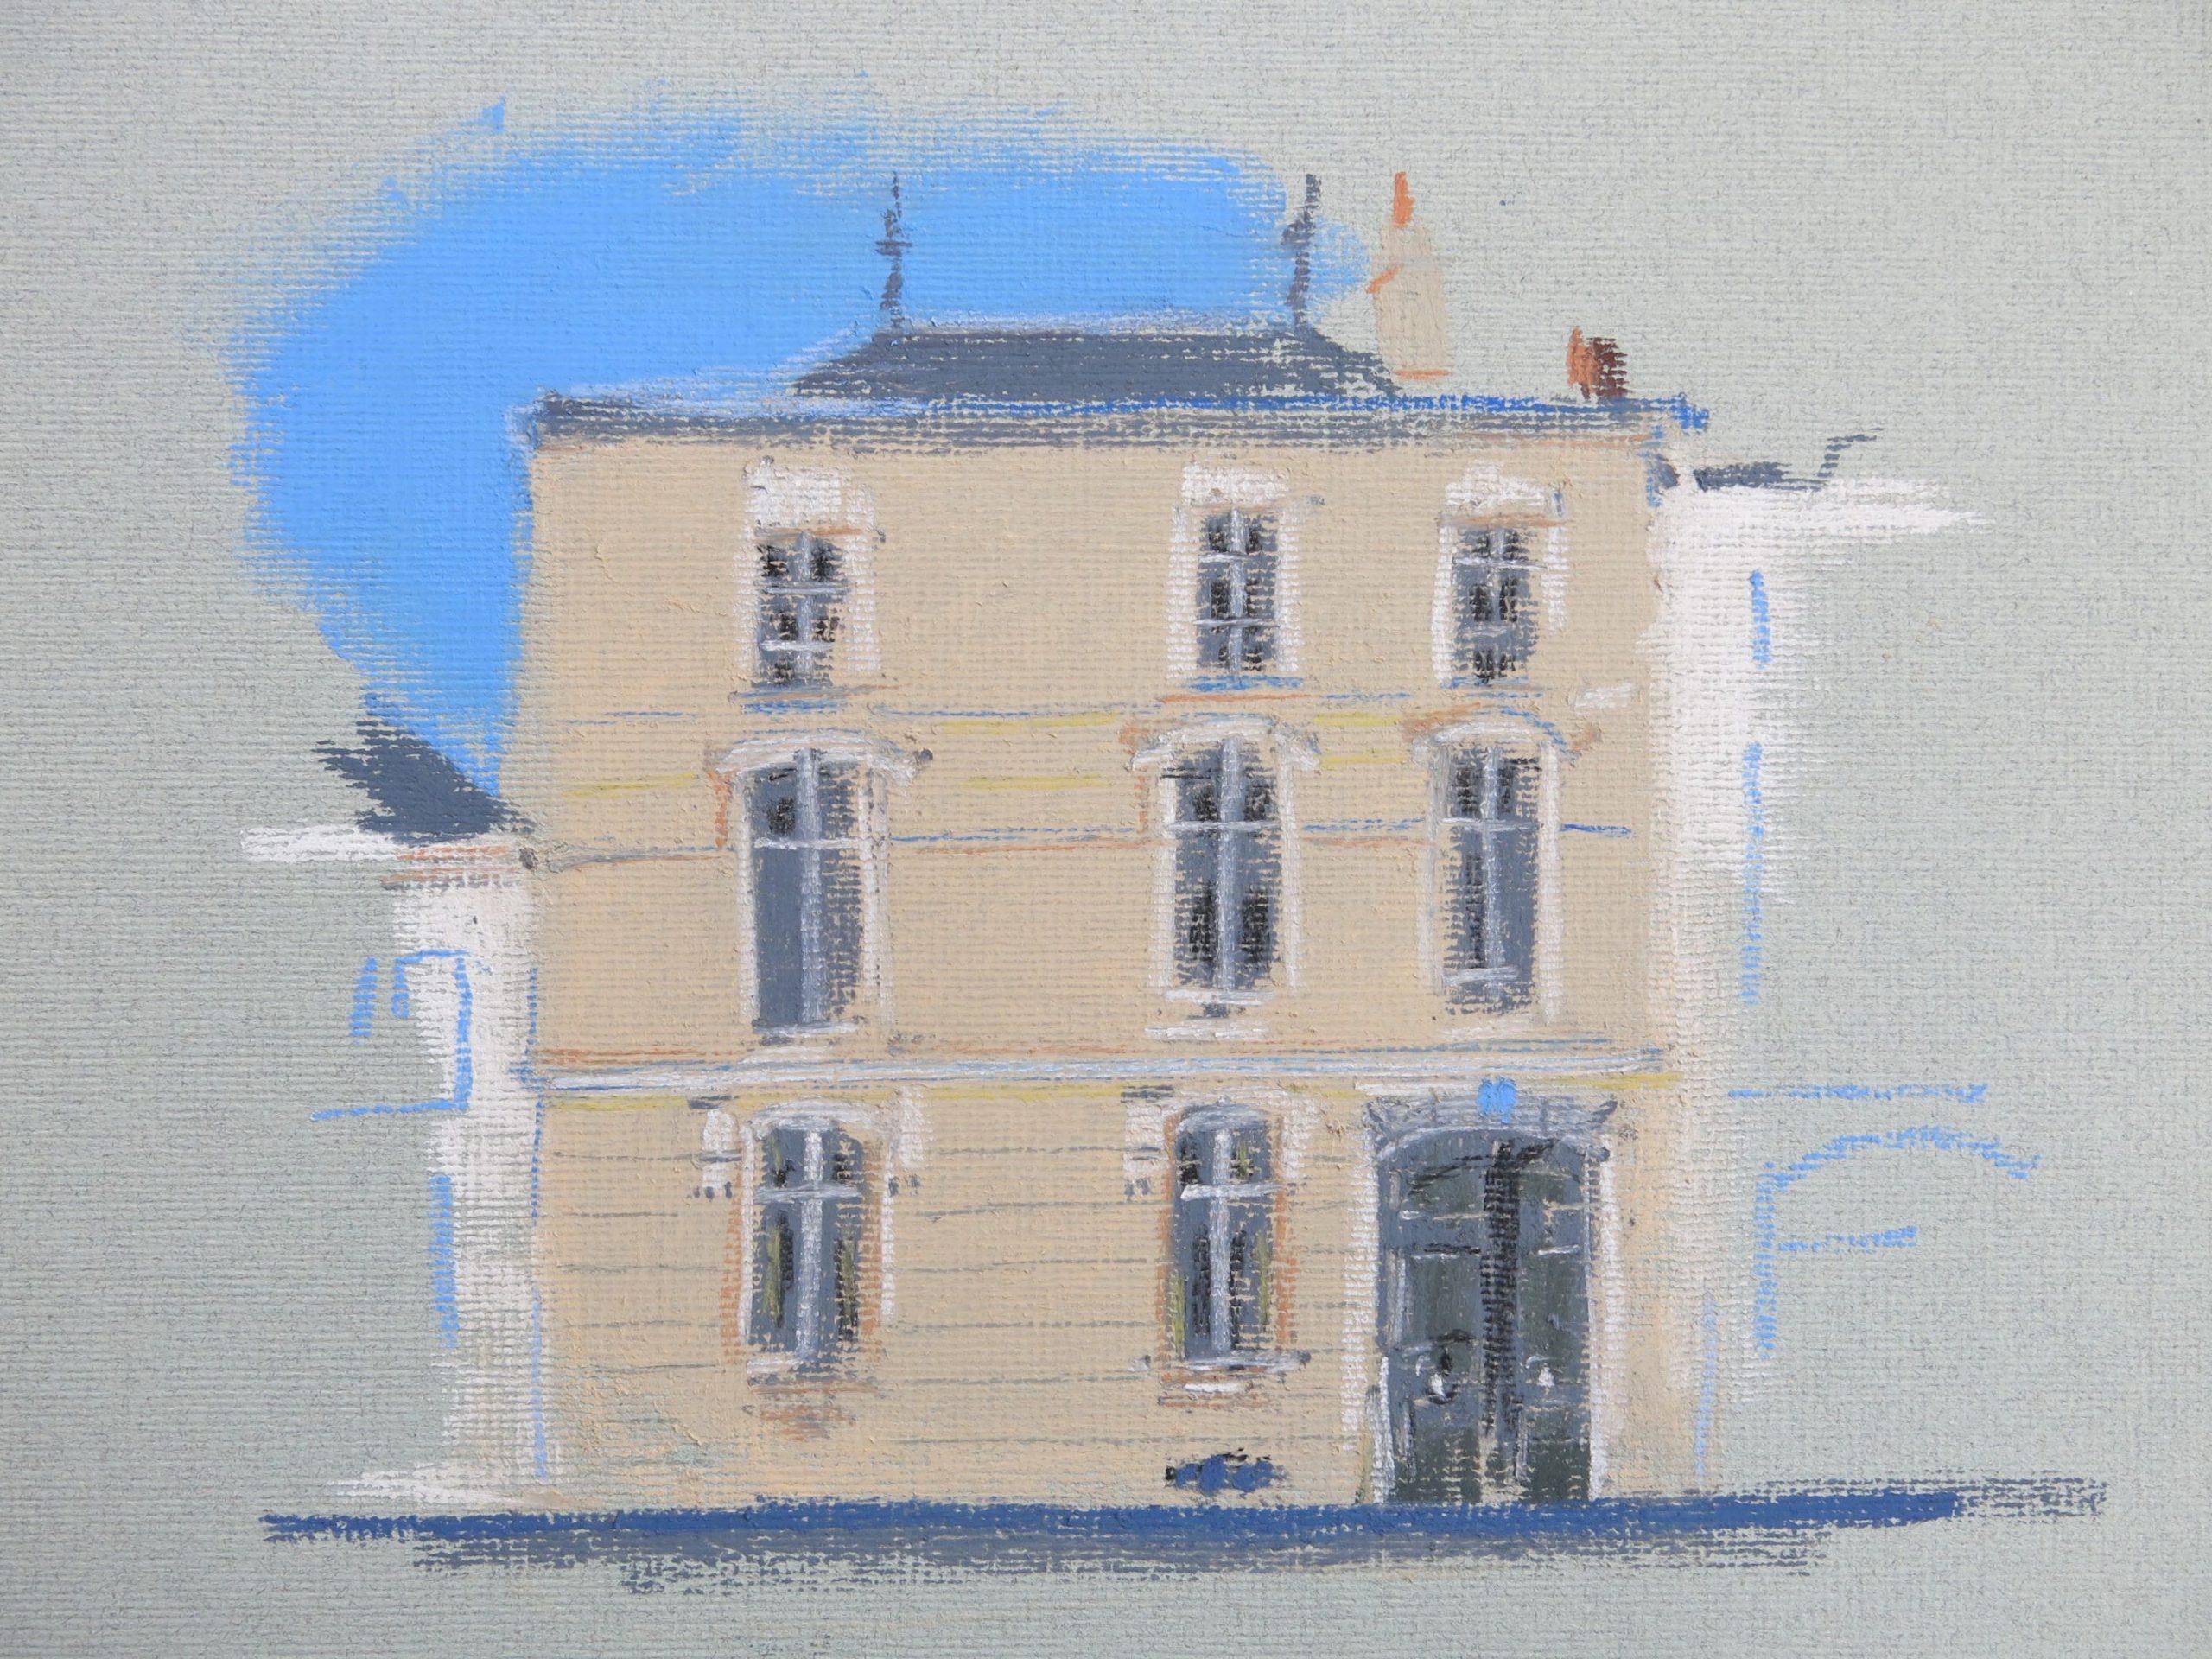 Un aperçu de la façade de la Maison de Saumur, maison d'hôtes de caractère, proche du centre ville de Saumur.